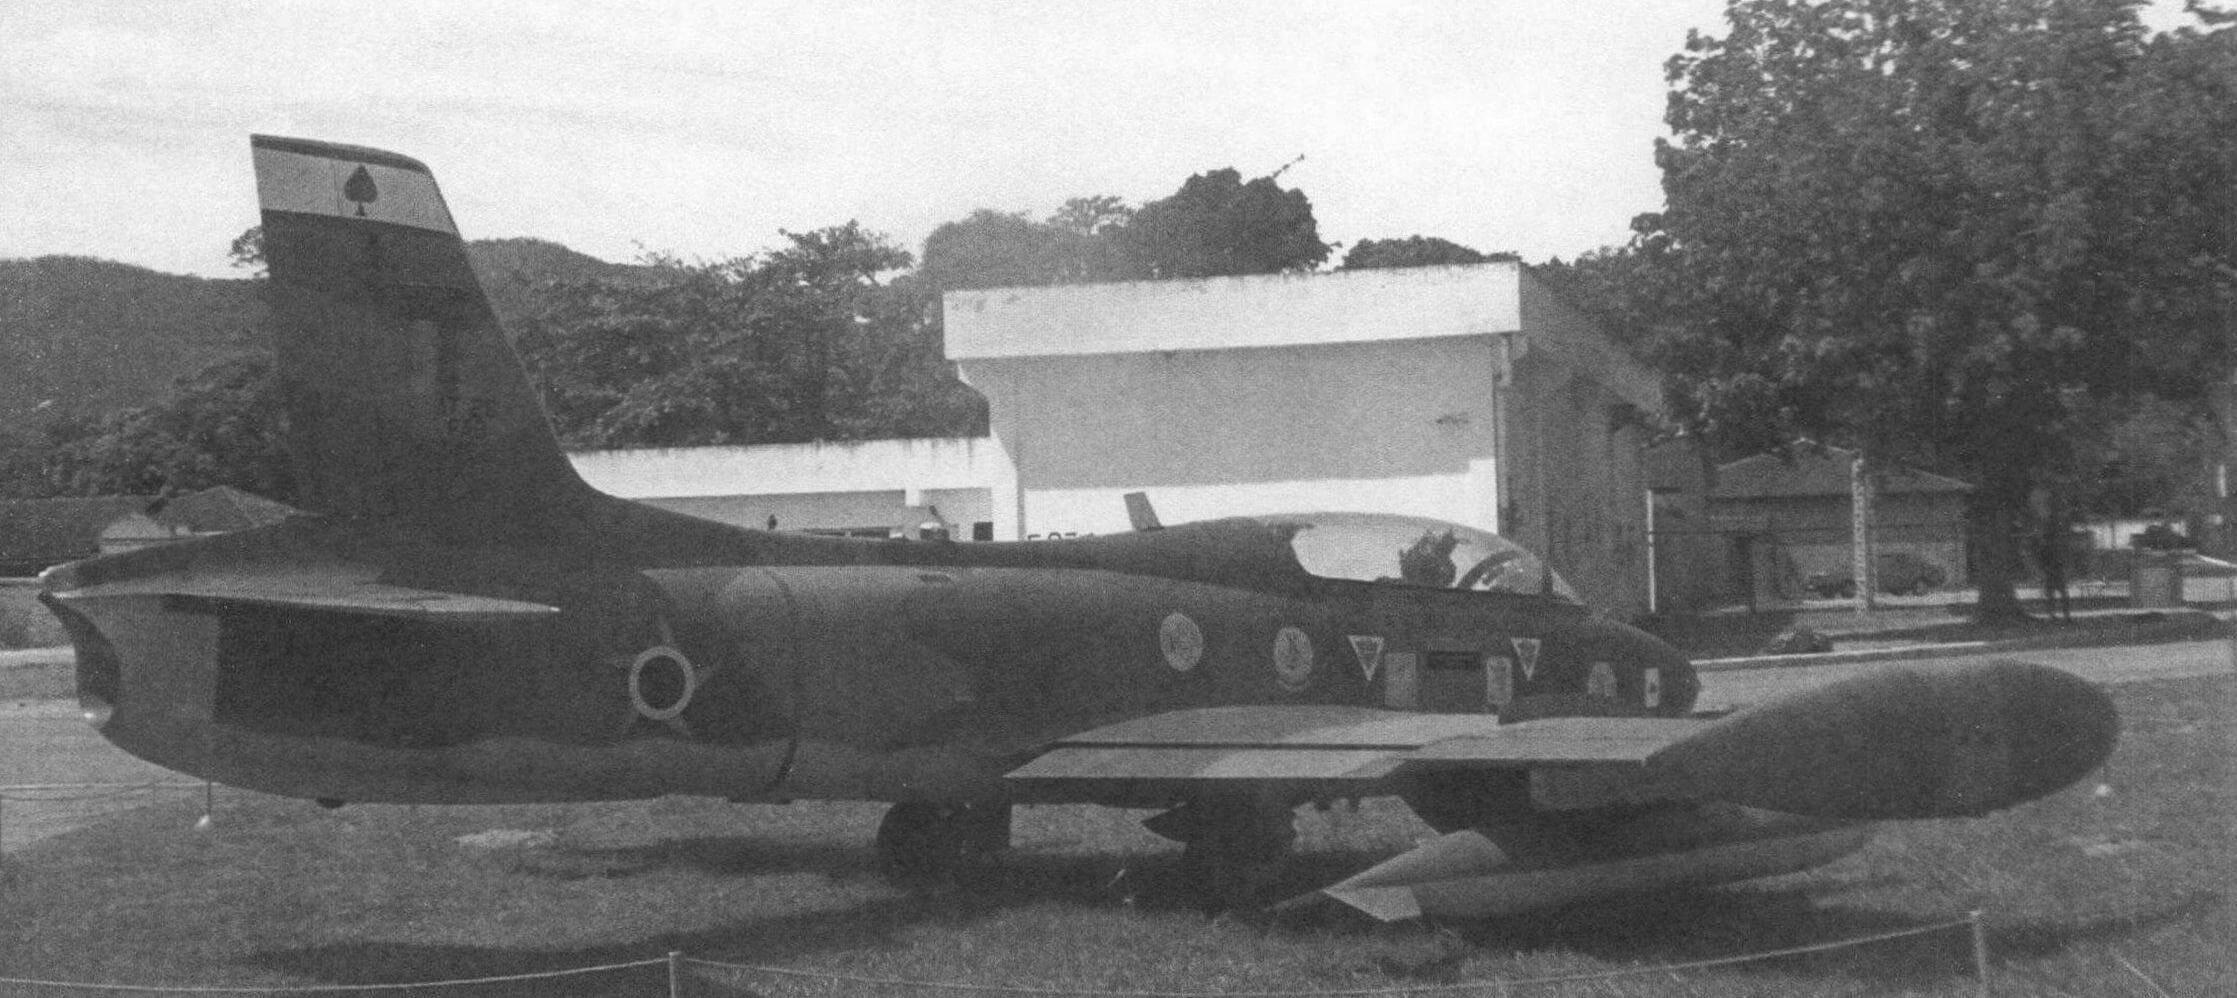 Экспозицию открывает штурмовик АТ-26 «Ксаванте» - МВ.326, строившийся компанией EMBRAER по лицензии. За ним КПП, через который попадаешь на территорию части и в музей